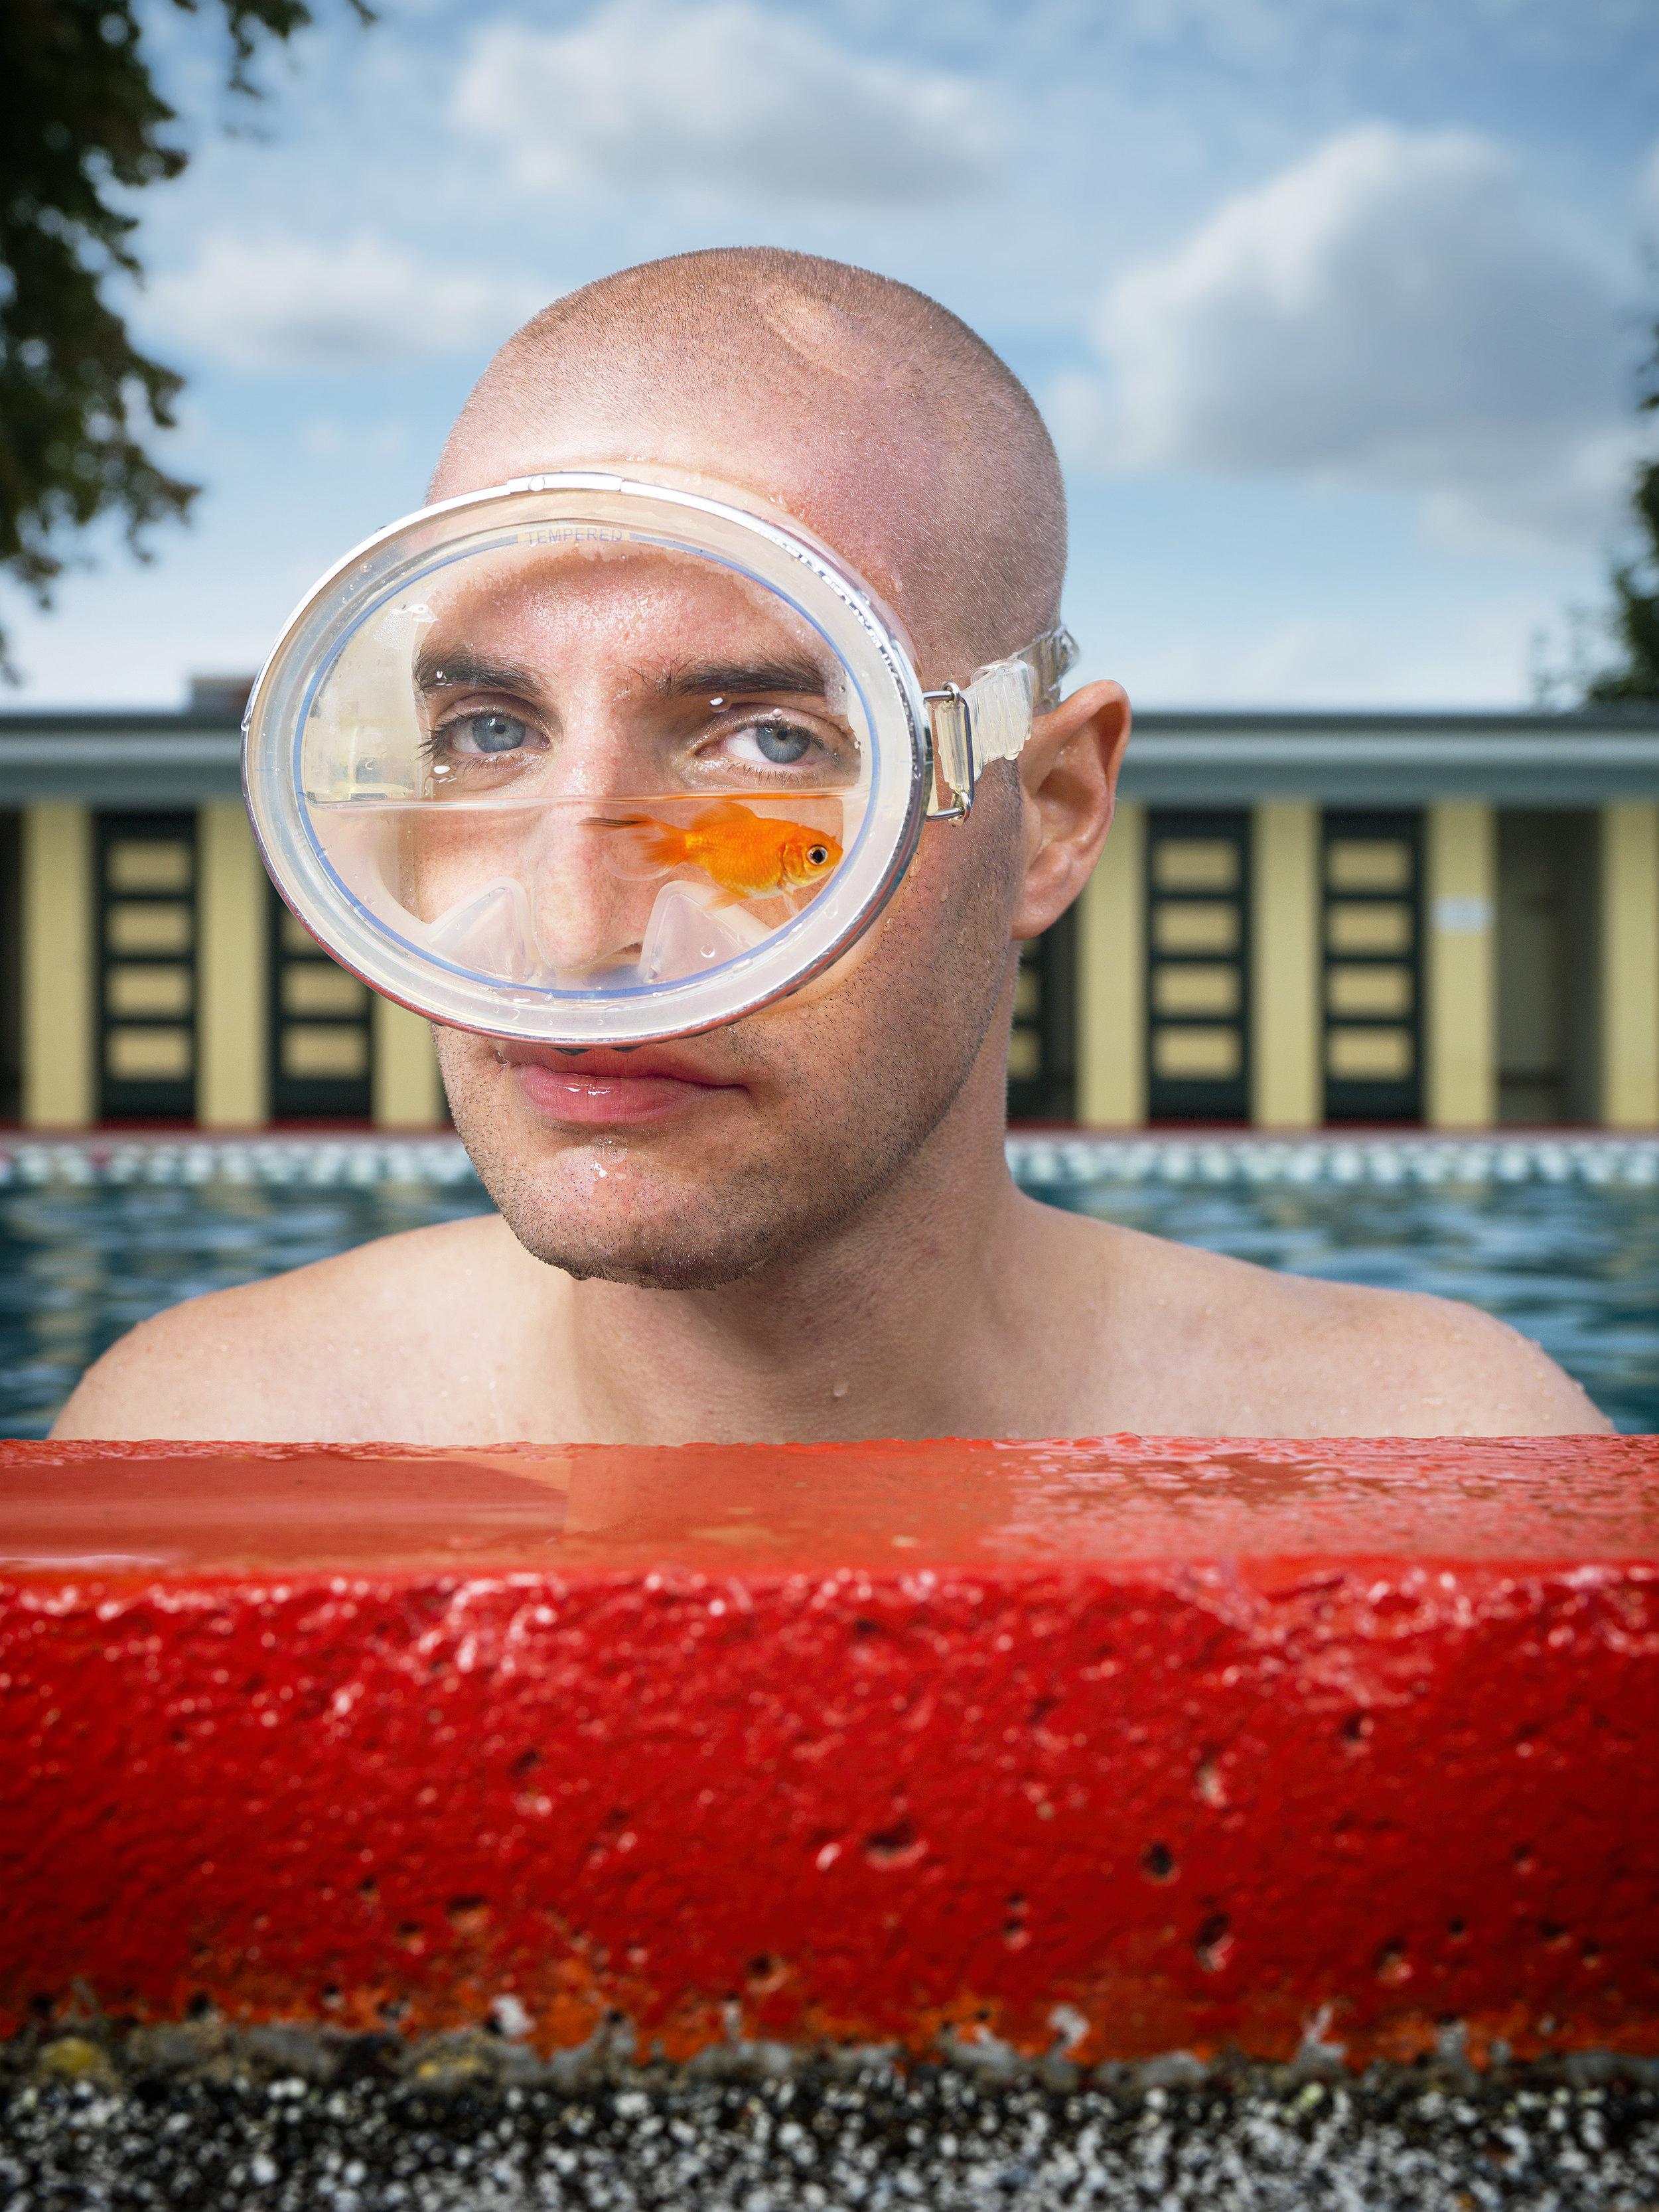 Olympic Swimmer Maarten van der Weijden